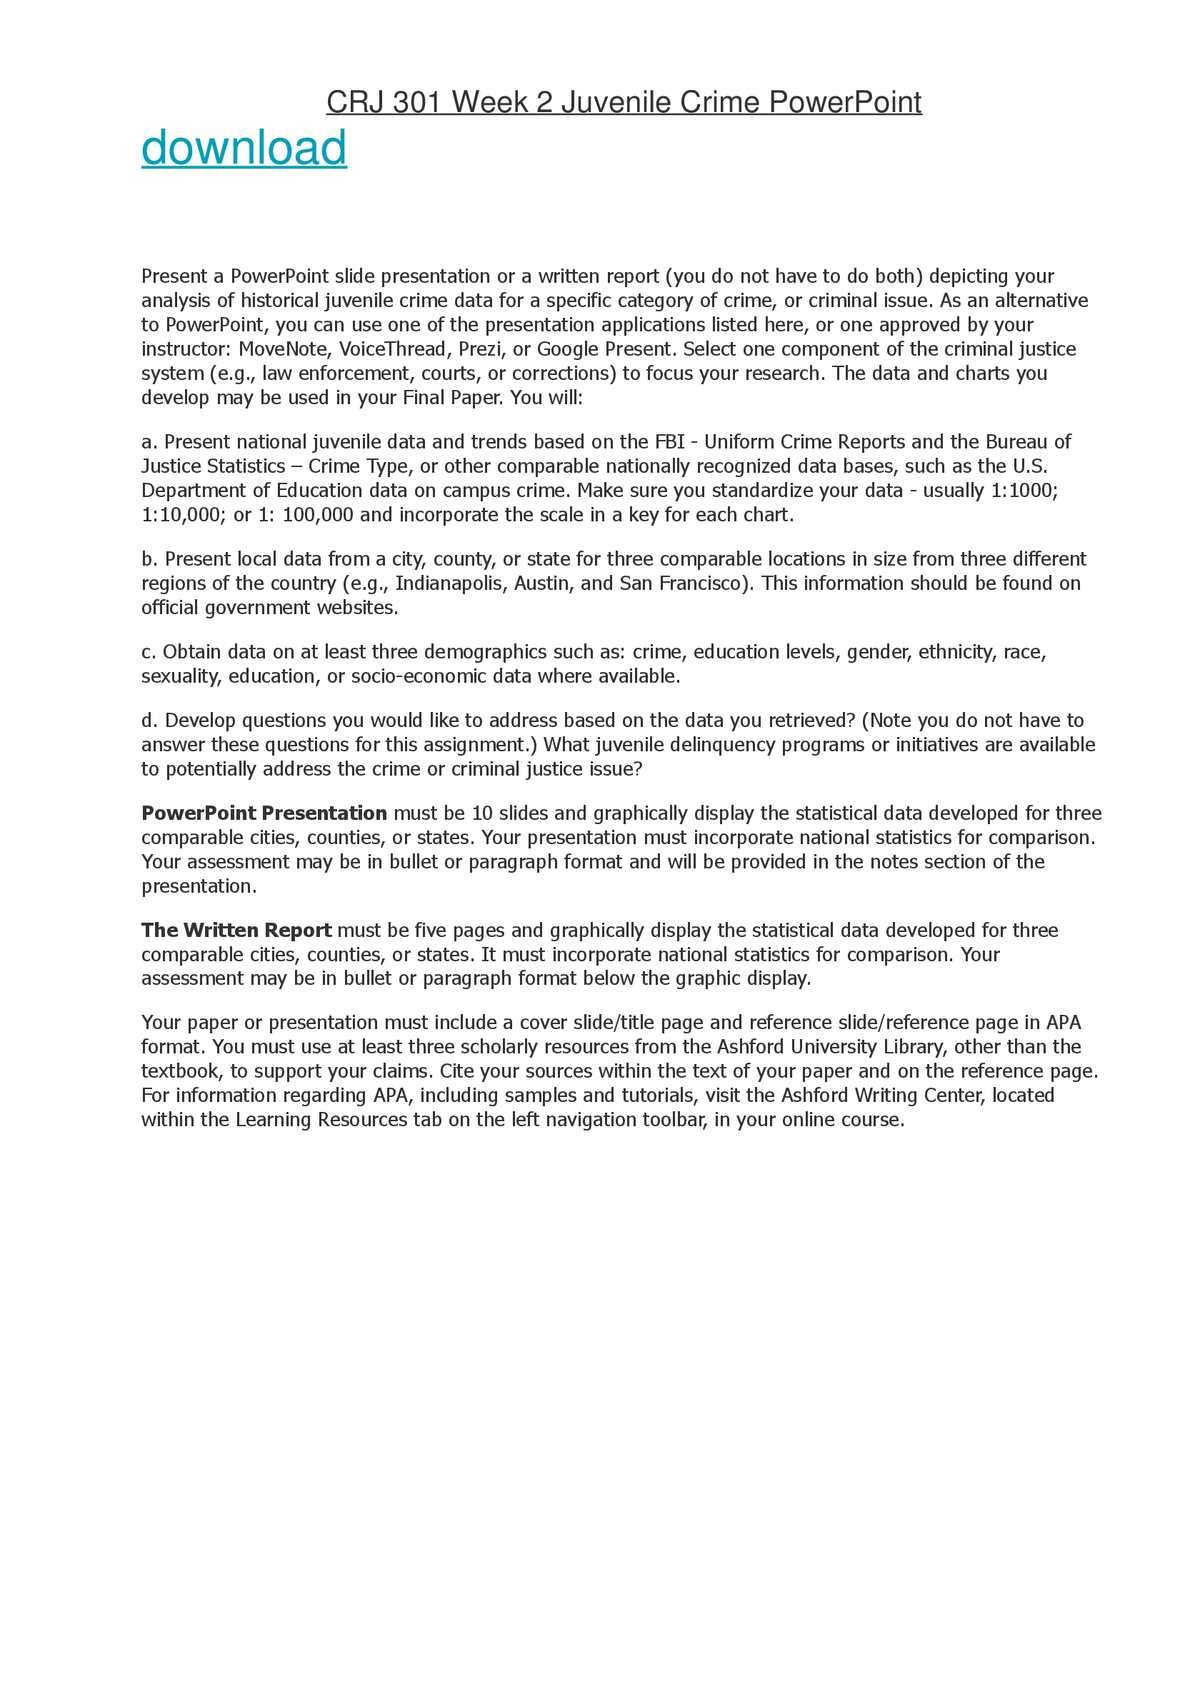 Calaméo - CRJ 301 Week 2 Juvenile Crime PowerPoint